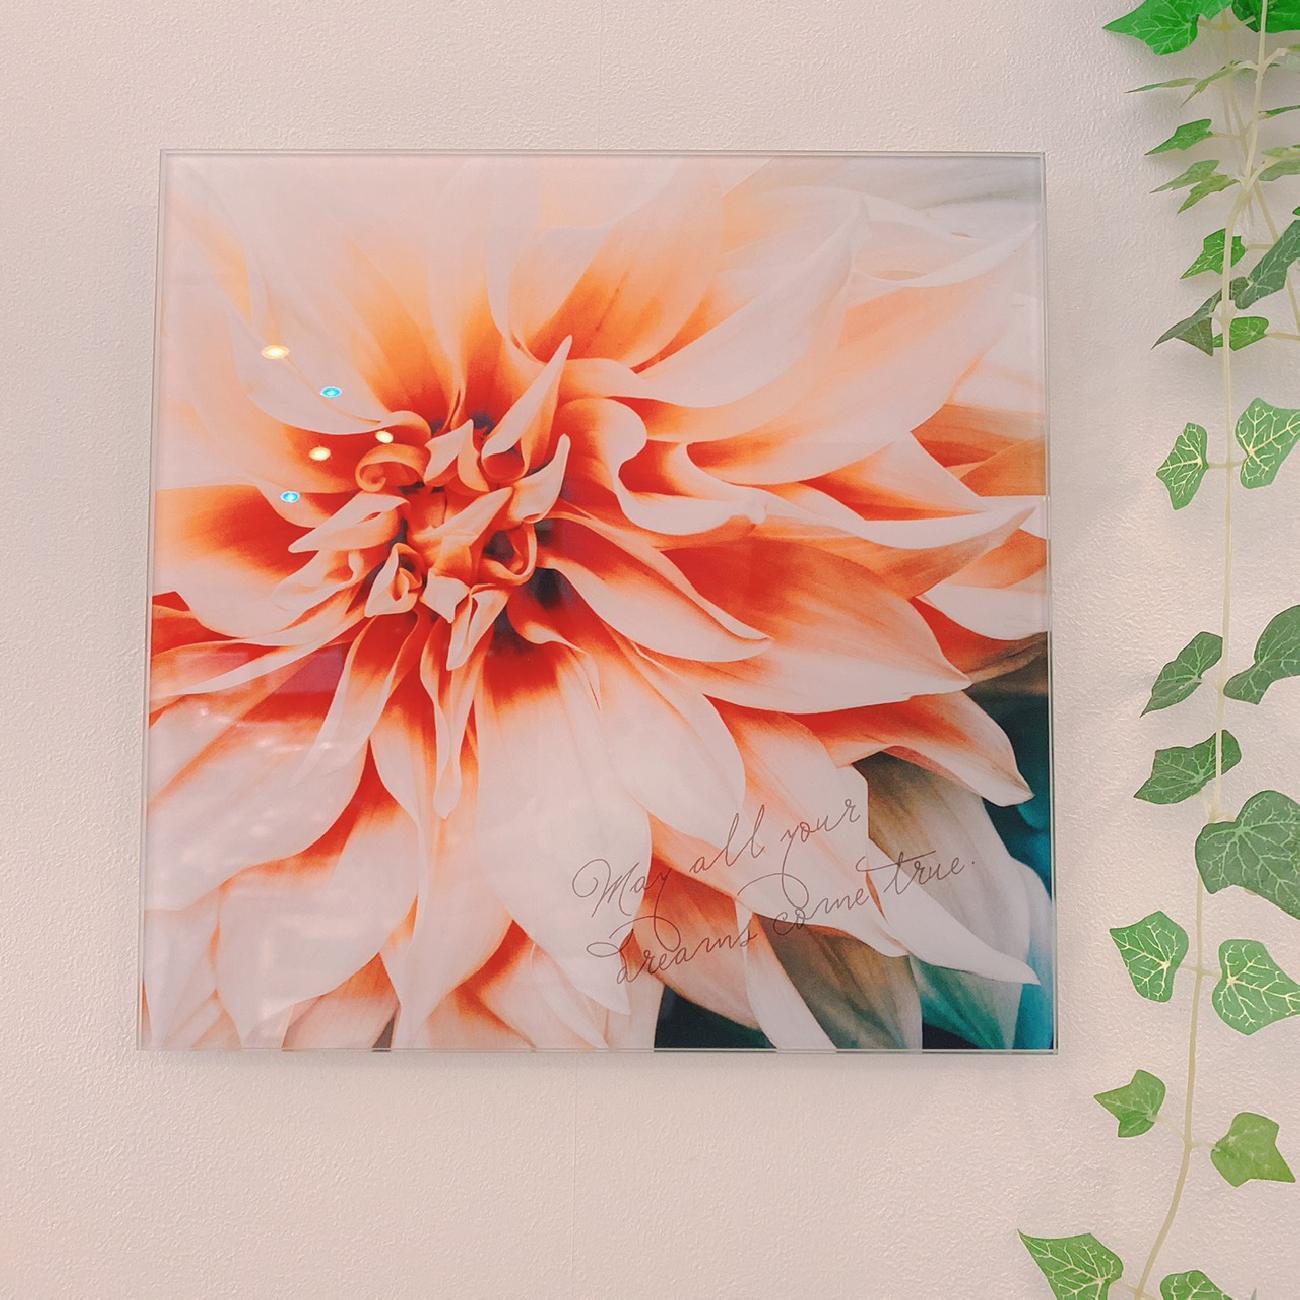 ガラスデザインボード/インテリア/オシャレ/模様替え/おとなかわいいインテリア/フラワー/花柄